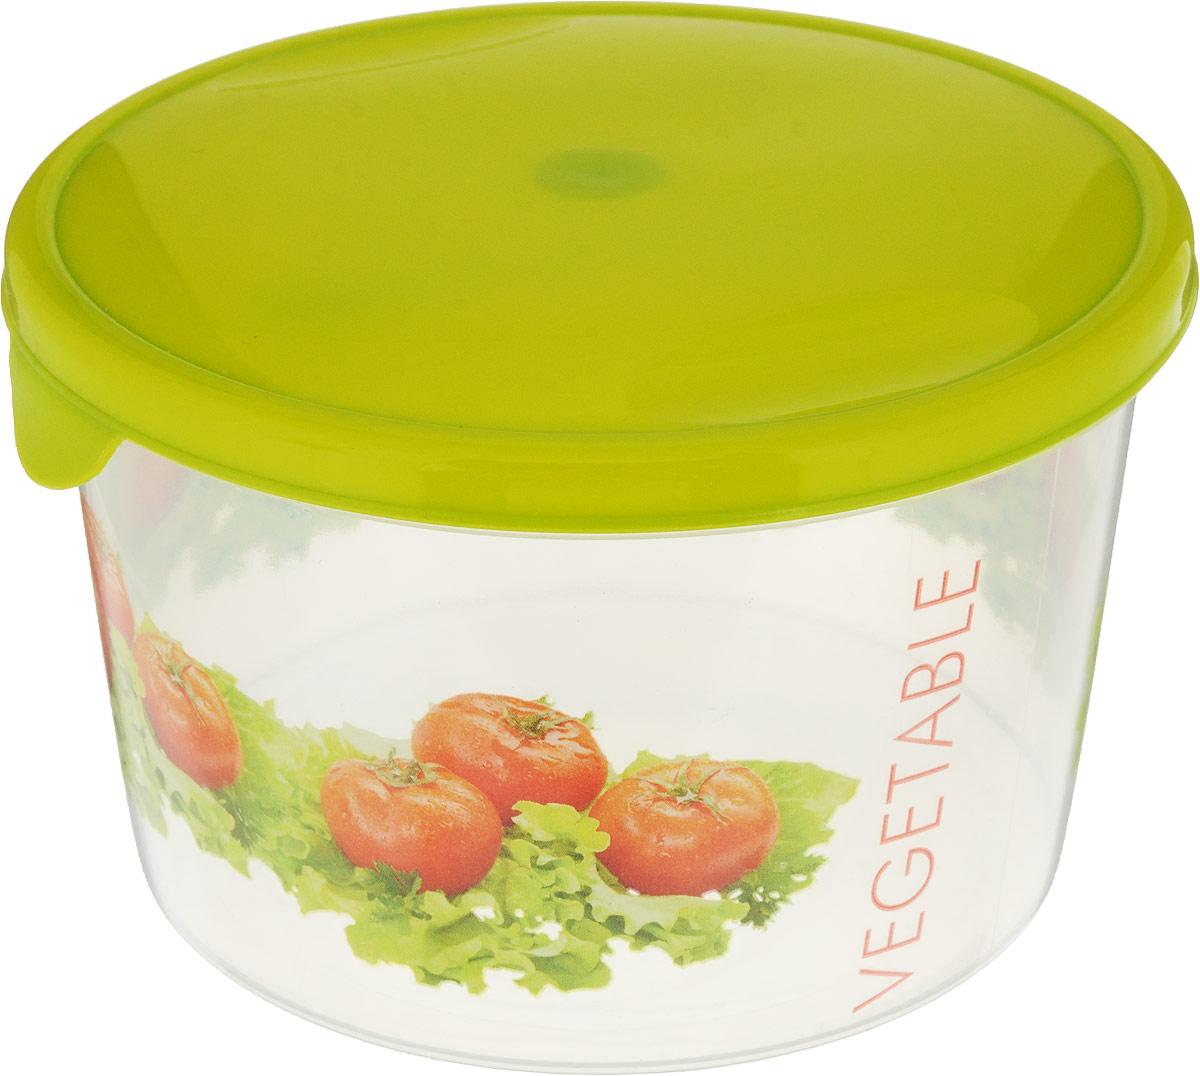 Емкость для продуктов Giaretti Браво, цвет: салатовый, 750 мл. GR1067GR1067_салатовыйЕмкость для продуктов Giaretti Браво изготовлена из пищевого полипропилена. Крышка плотно закрывается, дольше сохраняя продукты свежими. Боковые стенки прозрачные, что позволяет видеть содержимое.Емкость идеально подходит для хранения пищи, фруктов, ягод, овощей.Такая емкость пригодится в любом хозяйстве.